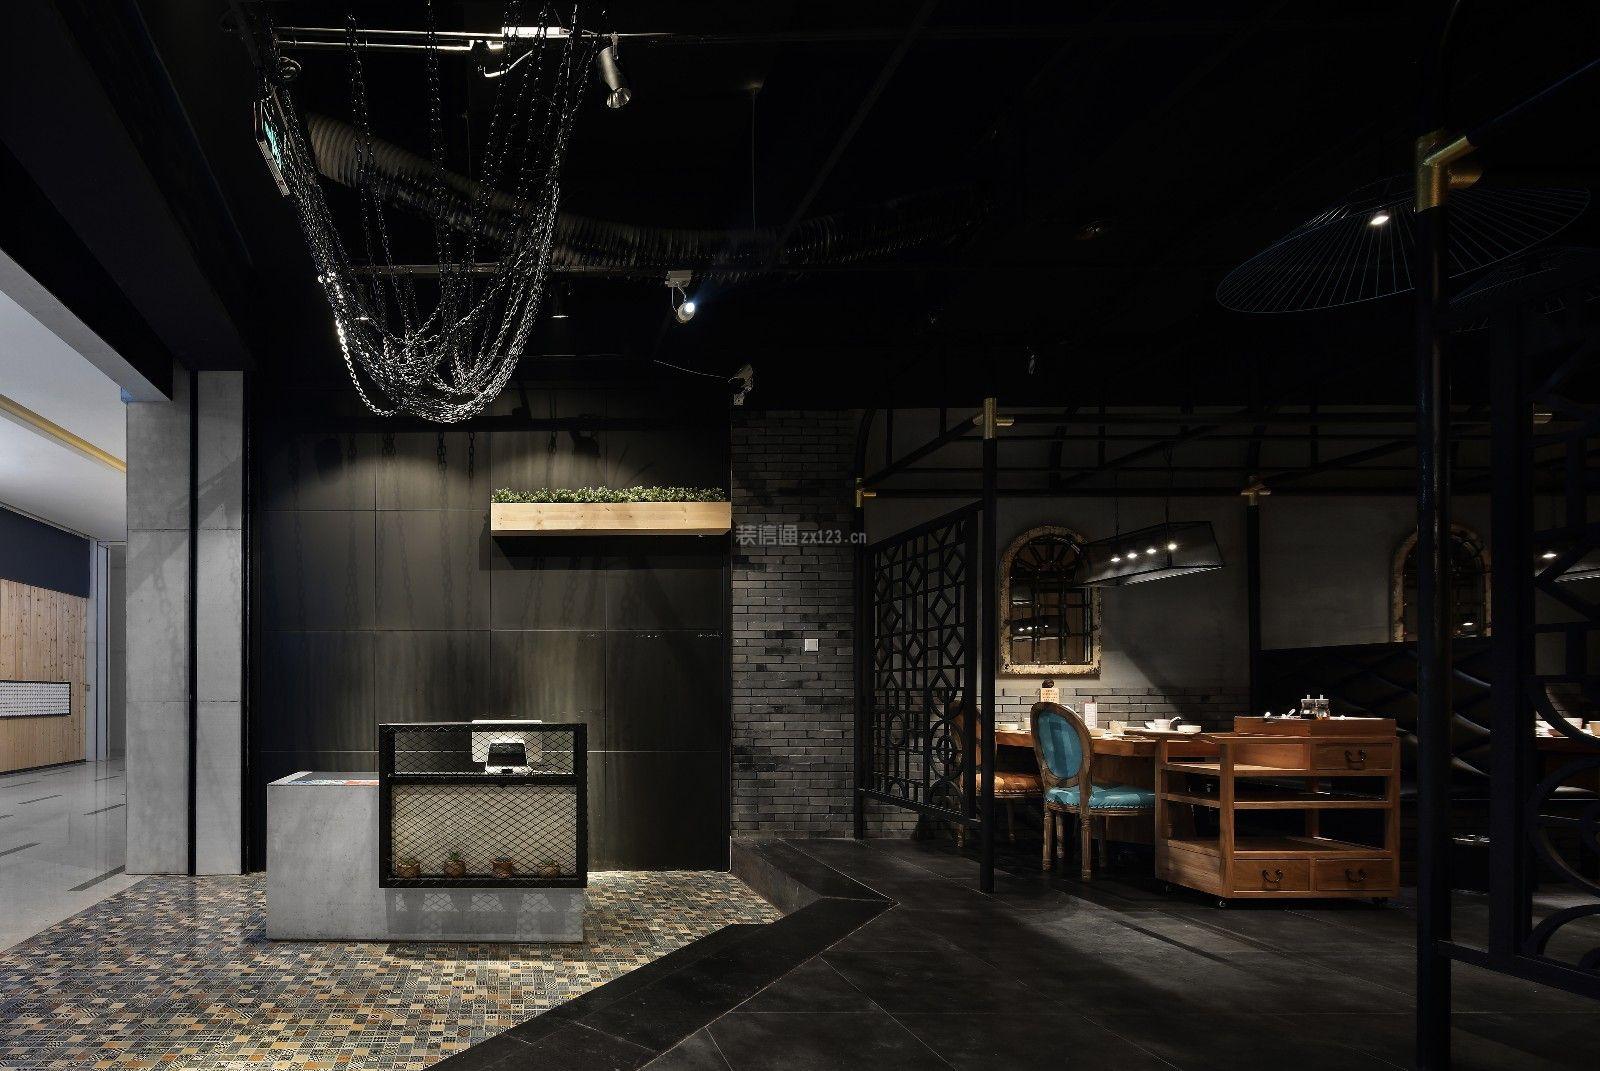 简约工业风格230平米火锅店前台背景墙装修效果图